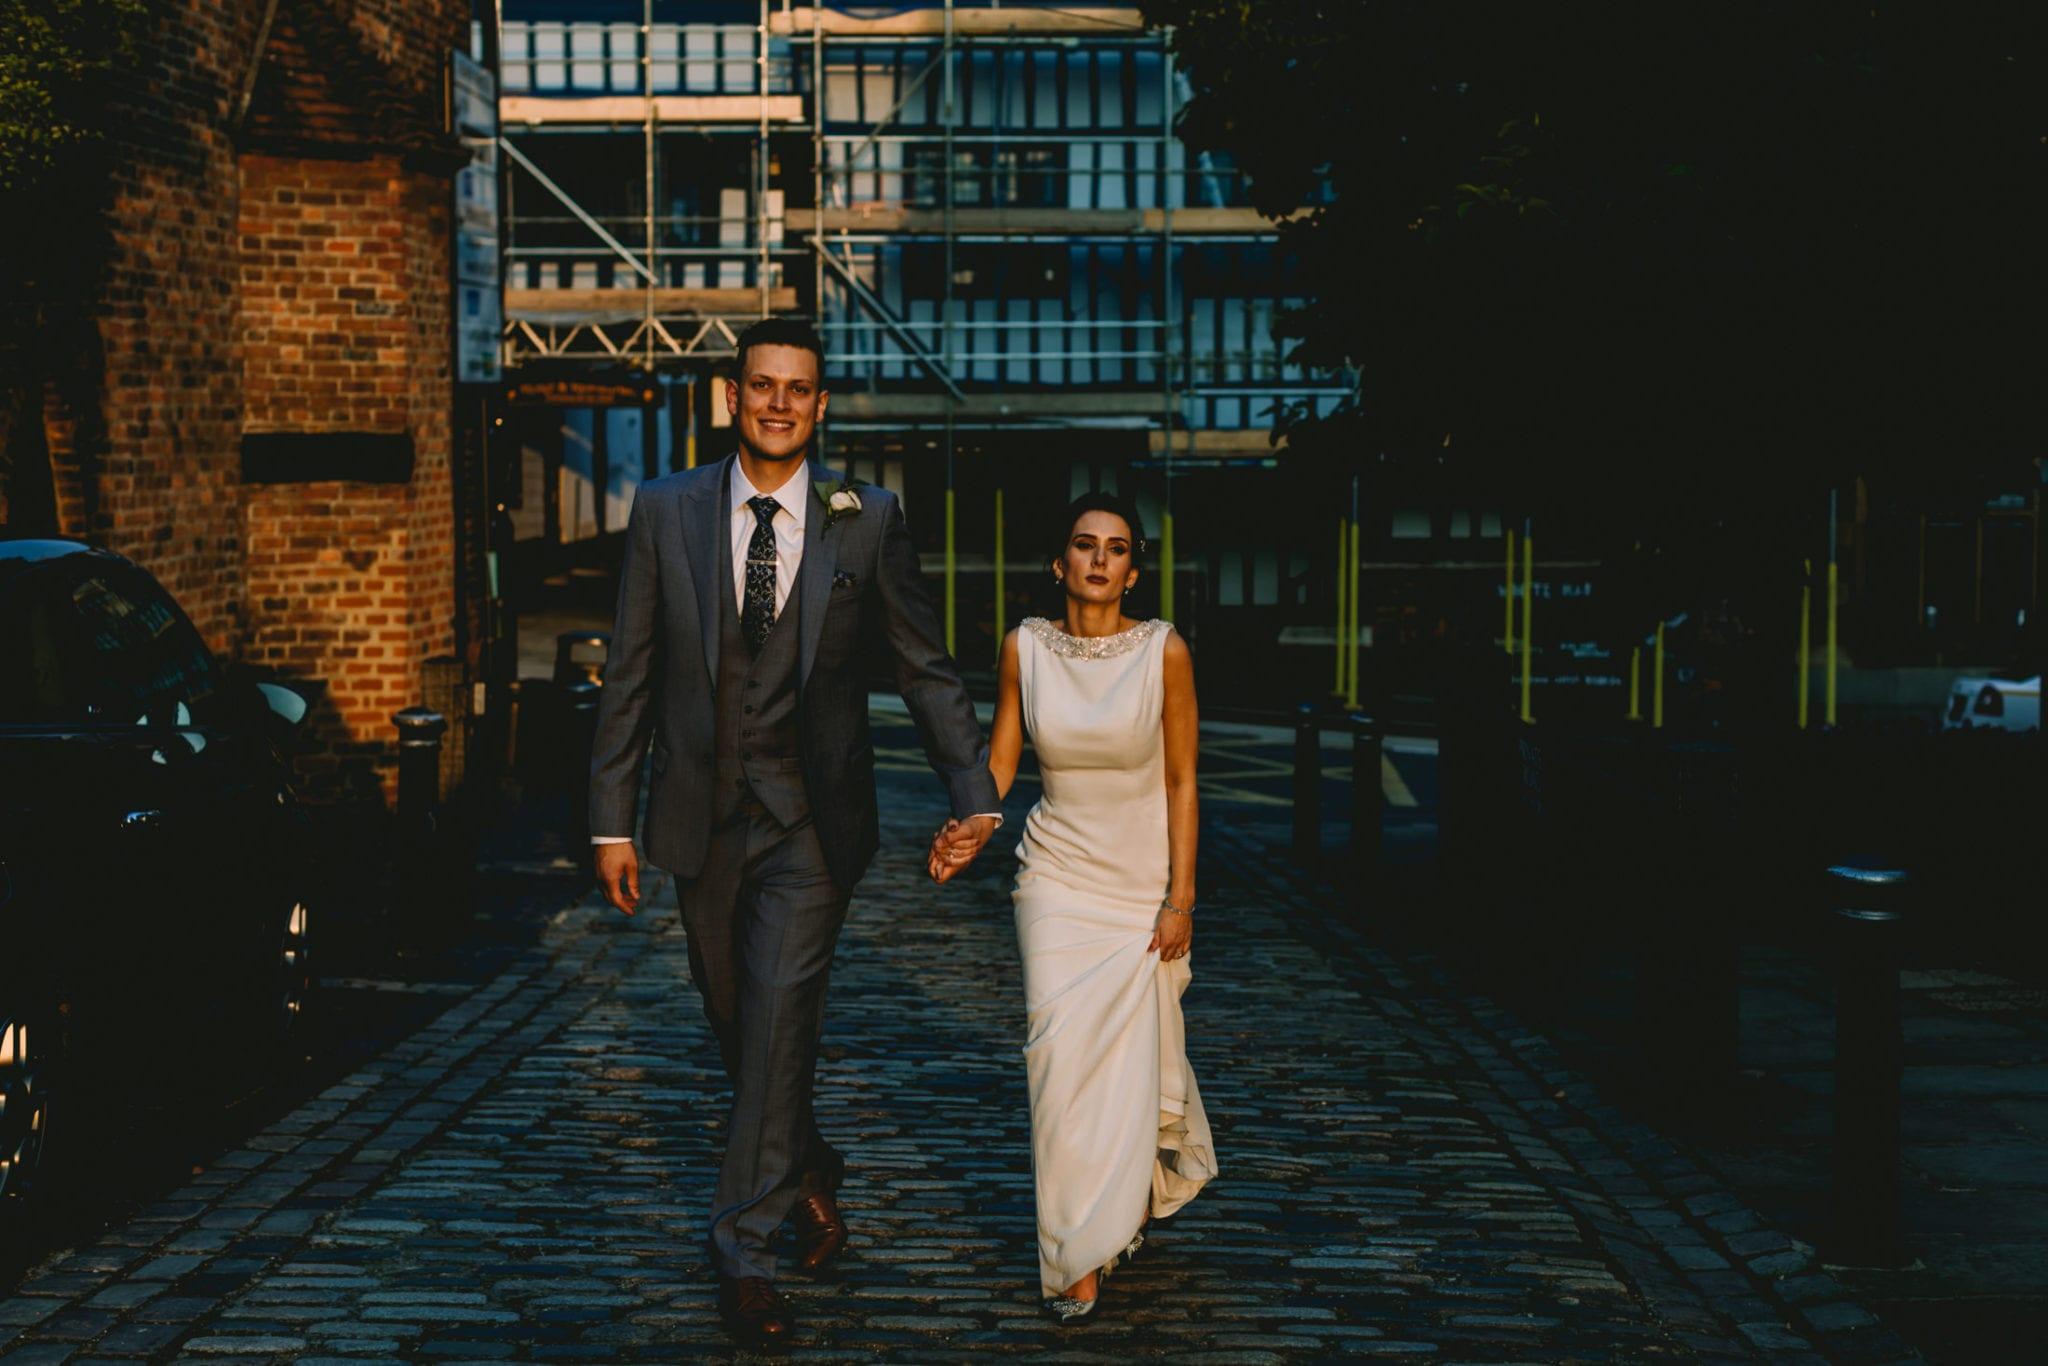 Bride and groom walk in the street in golden hour